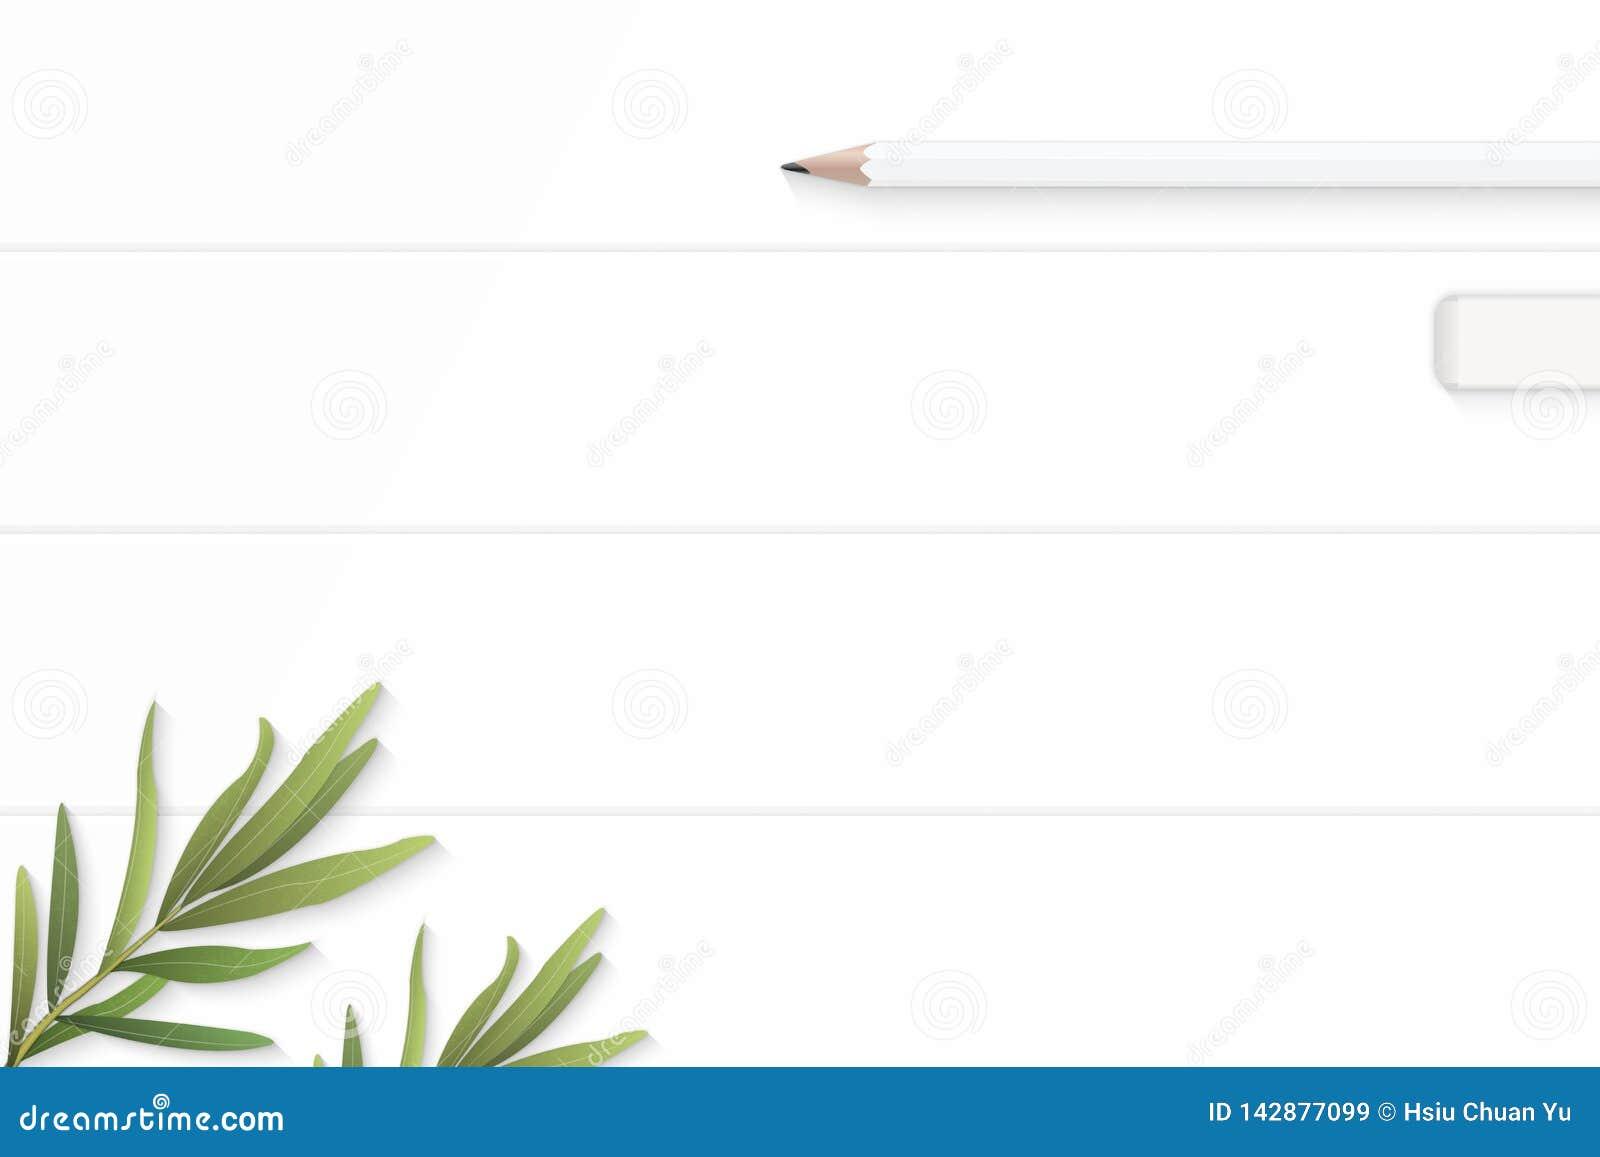 Επίπεδος βάλτε την κομψά άσπρα γόμα μολυβιών σύνθεσης τοπ άποψης και το φύλλο τραχουριού στο ξύλινο υπόβαθρο πατωμάτων